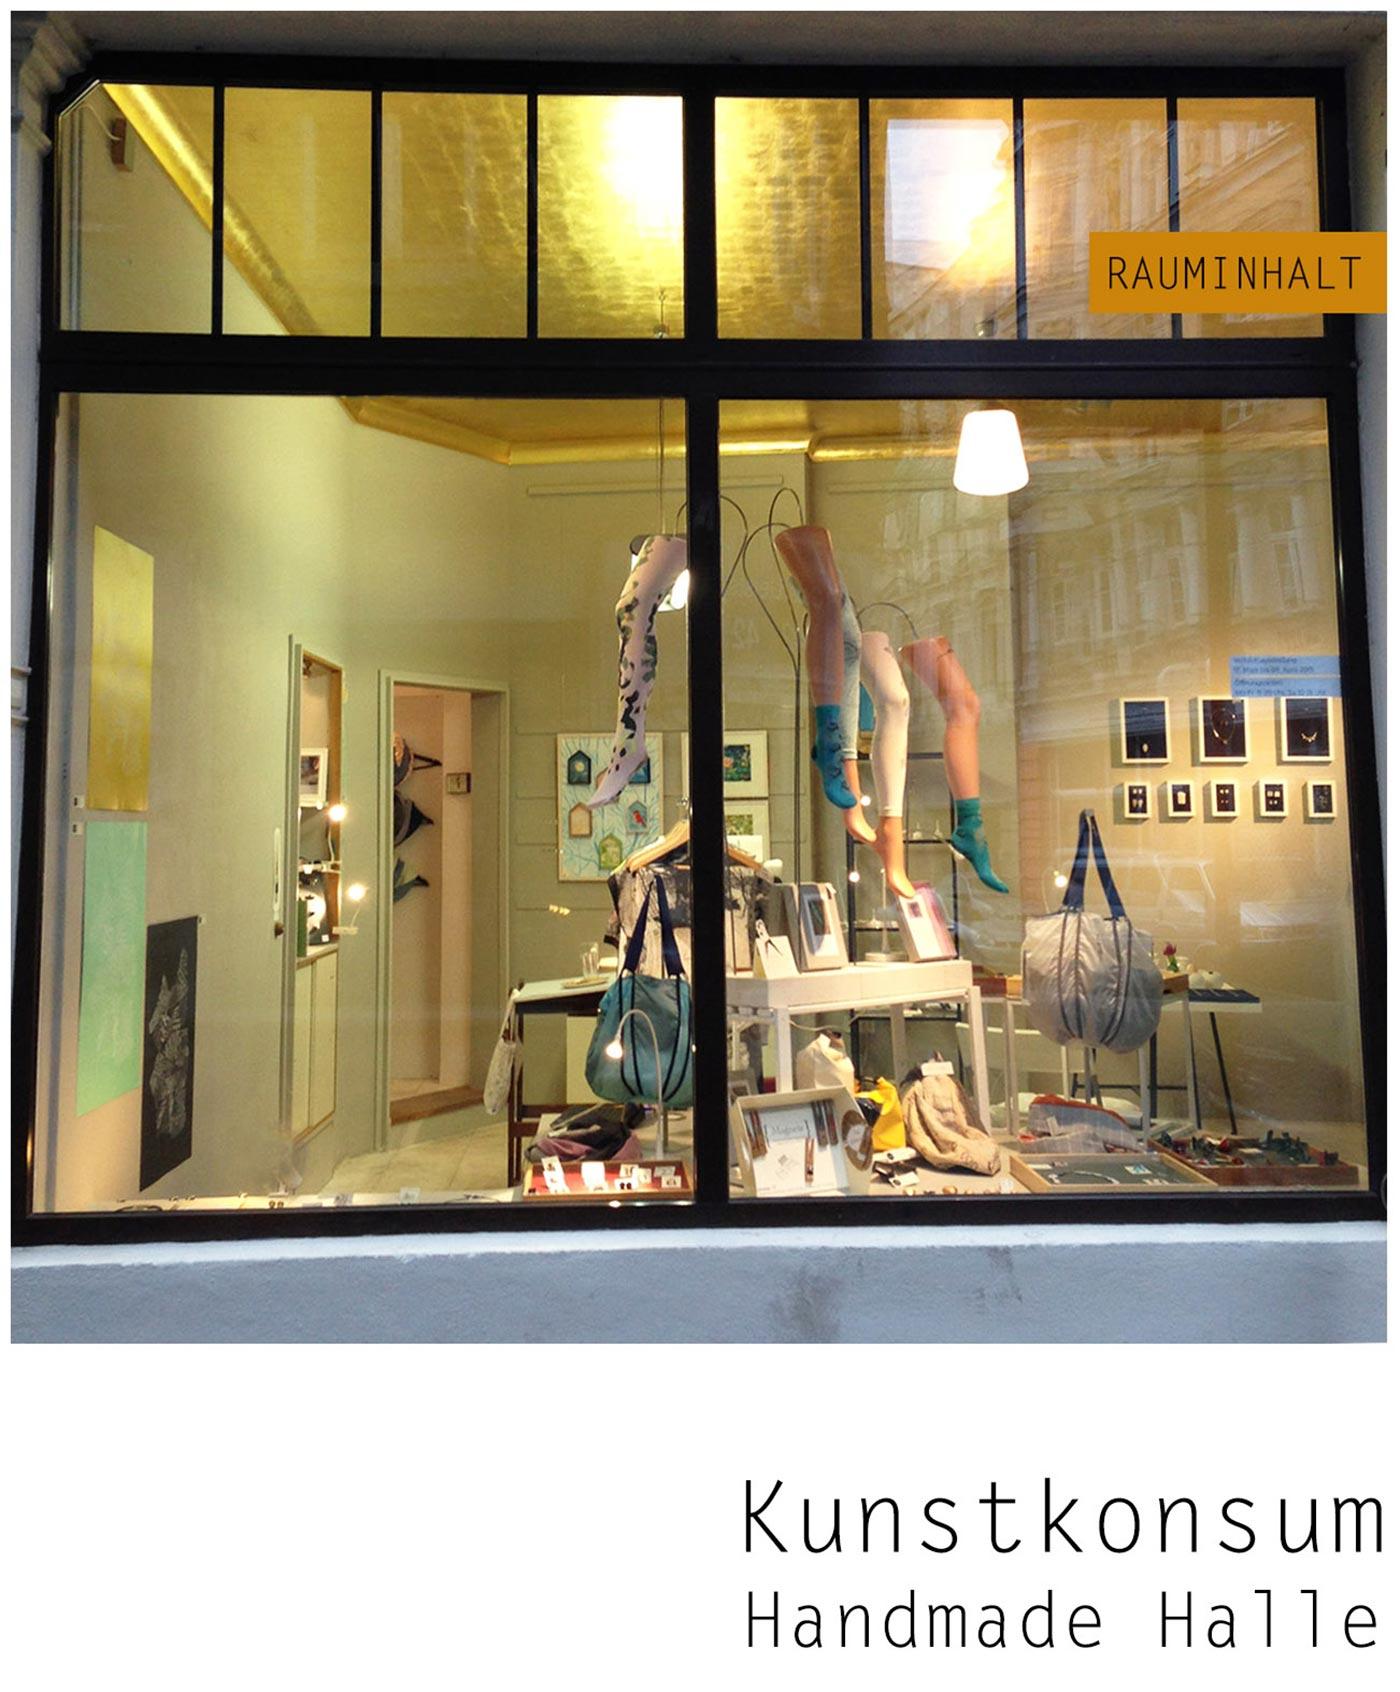 Rauminhalt in Halle